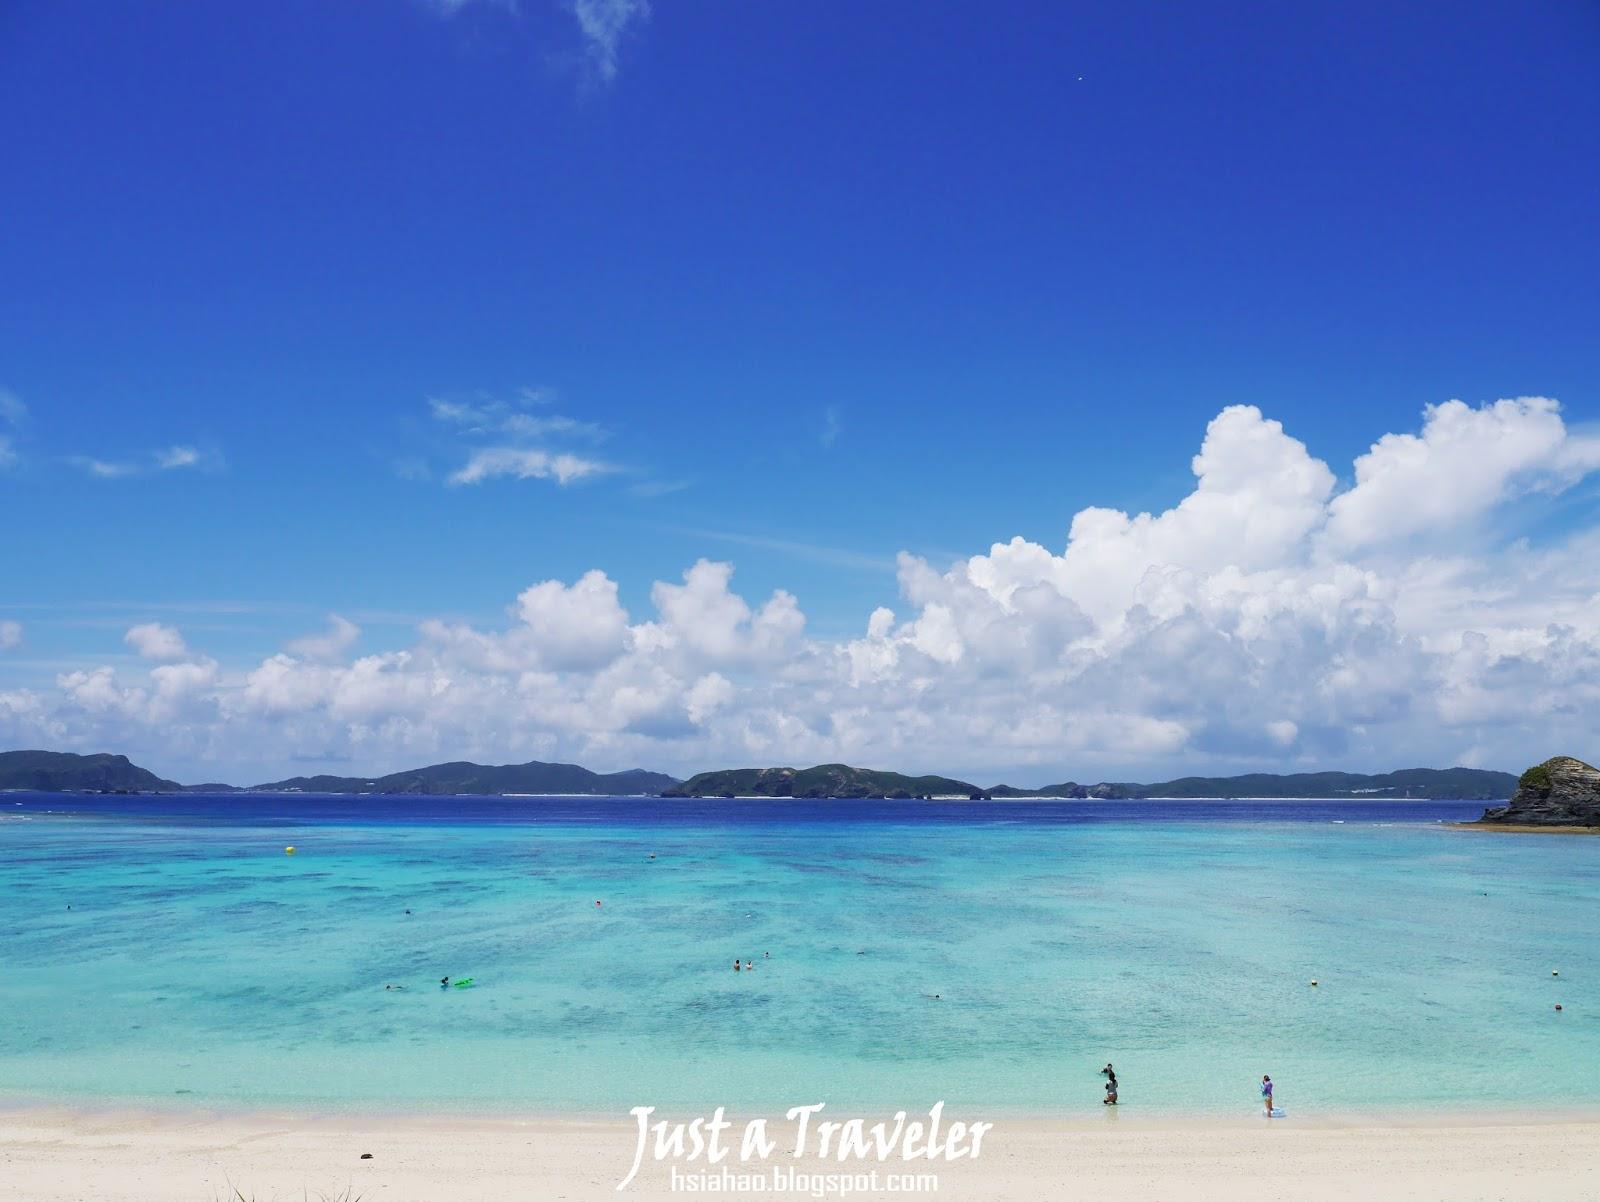 沖繩-海灘-推薦-渡嘉志久海灘-Tokashiku Beach-とかしくビーチ-Okinawa-beach-recommendation